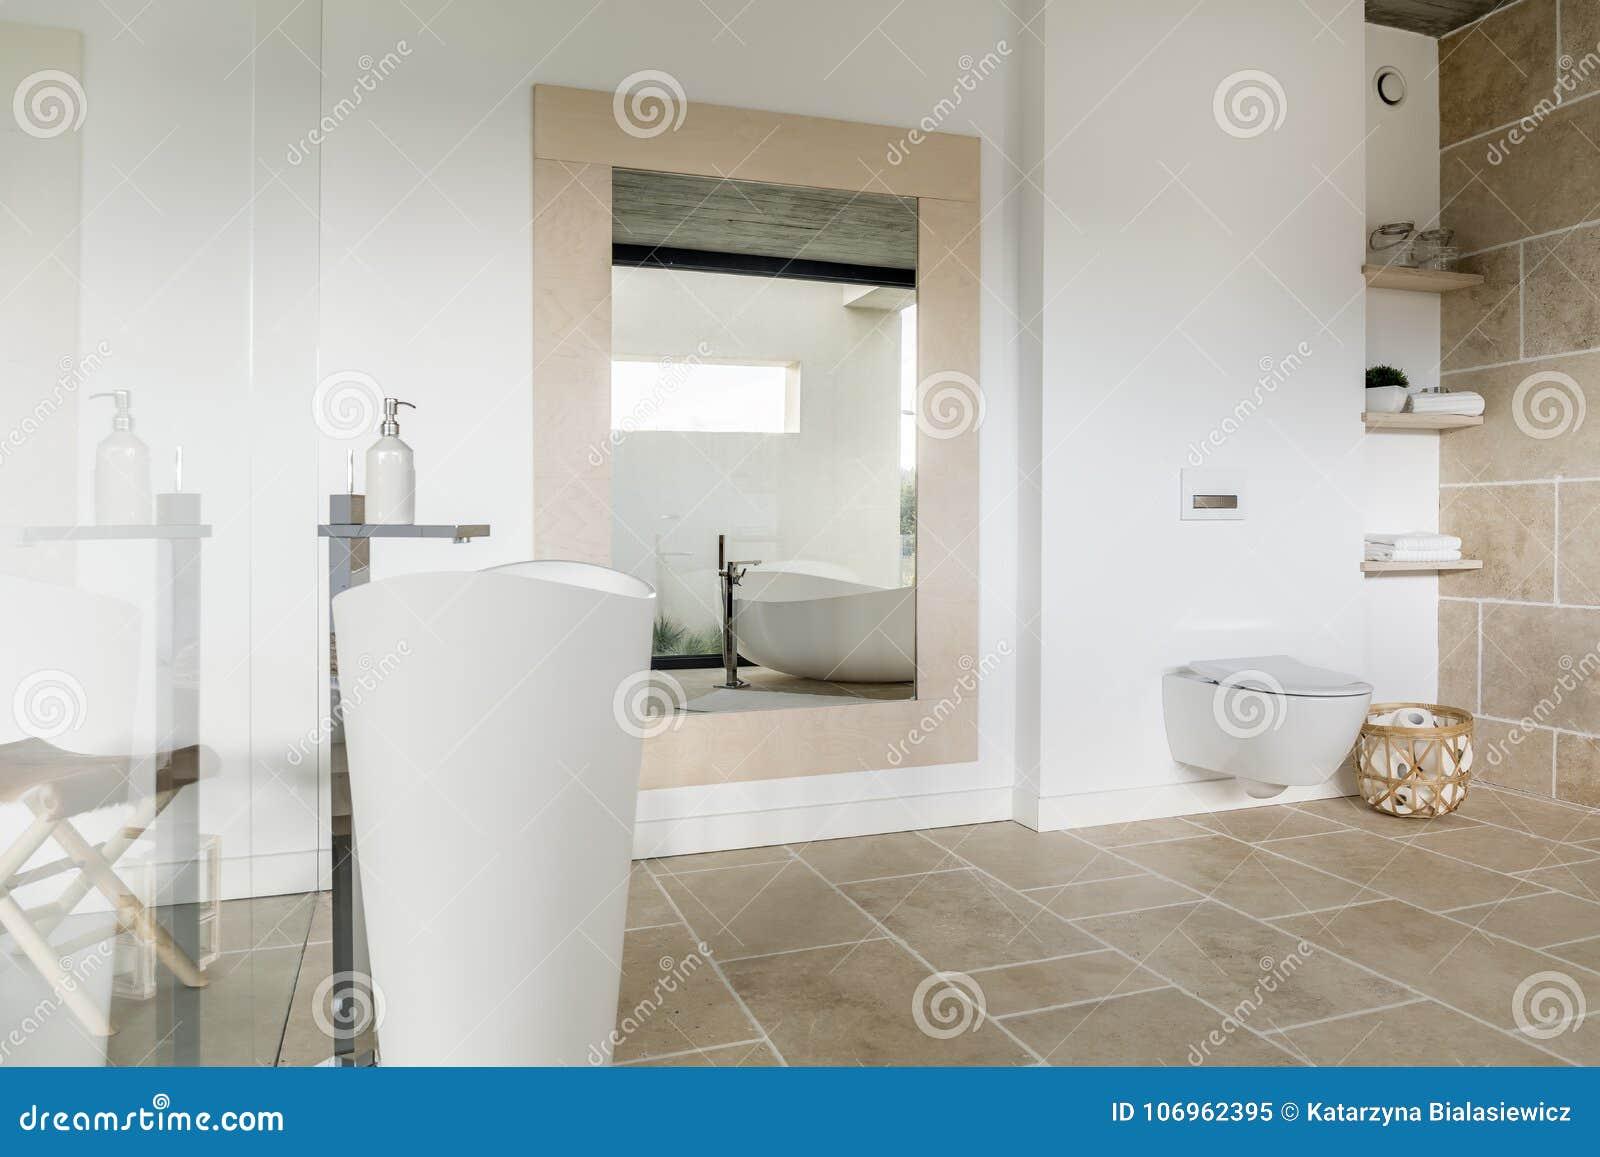 Espejo Grande En Cuarto De Baño Moderno Imagen de archivo - Imagen ...